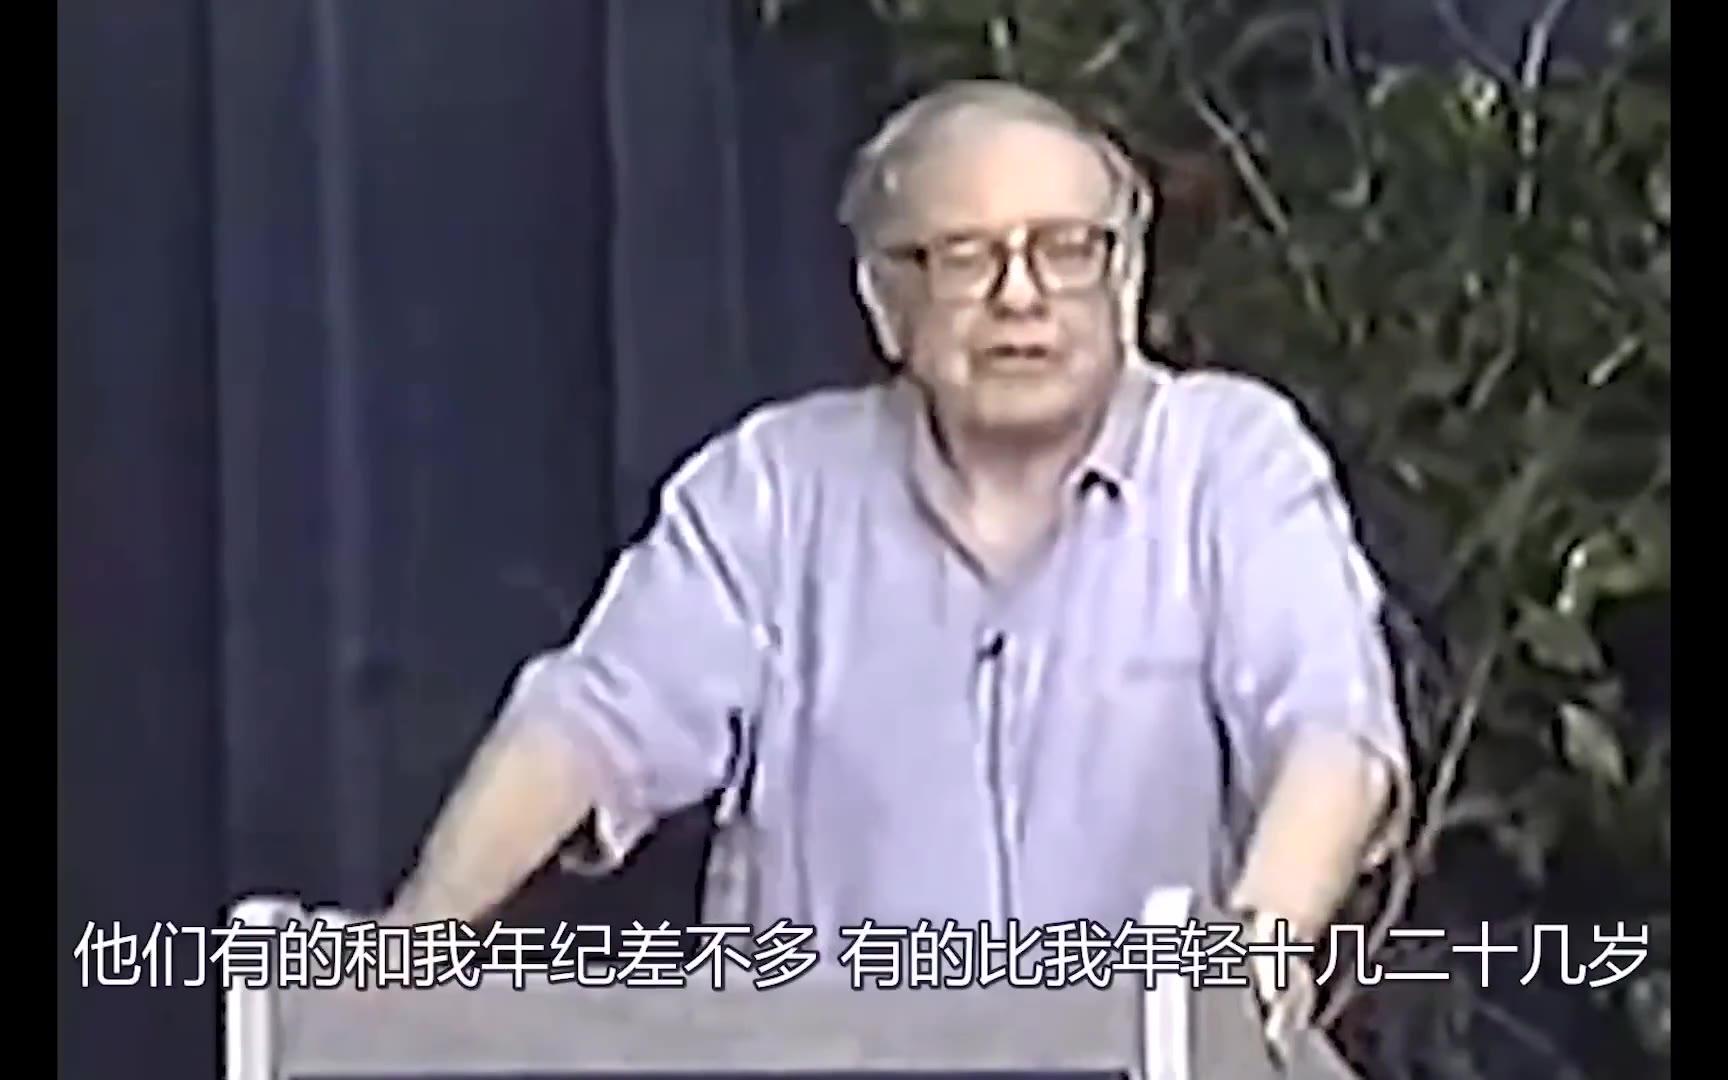 巴菲特一生最经典的演讲